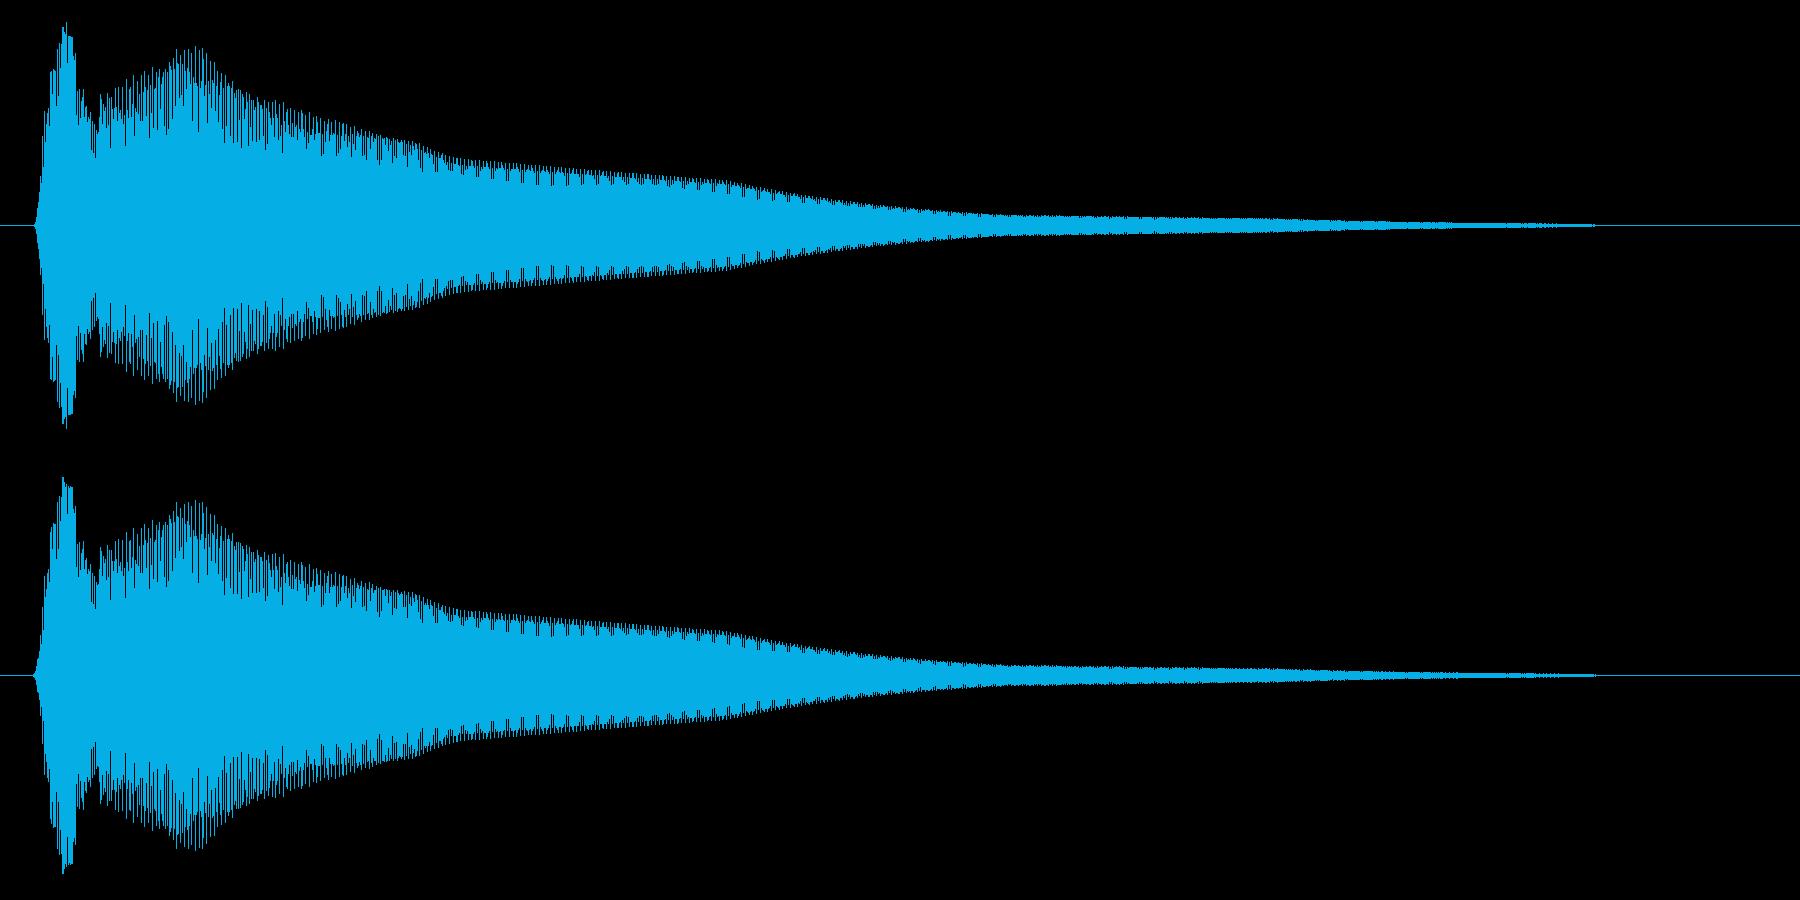 コーン(ベルのような短い効果音)の再生済みの波形